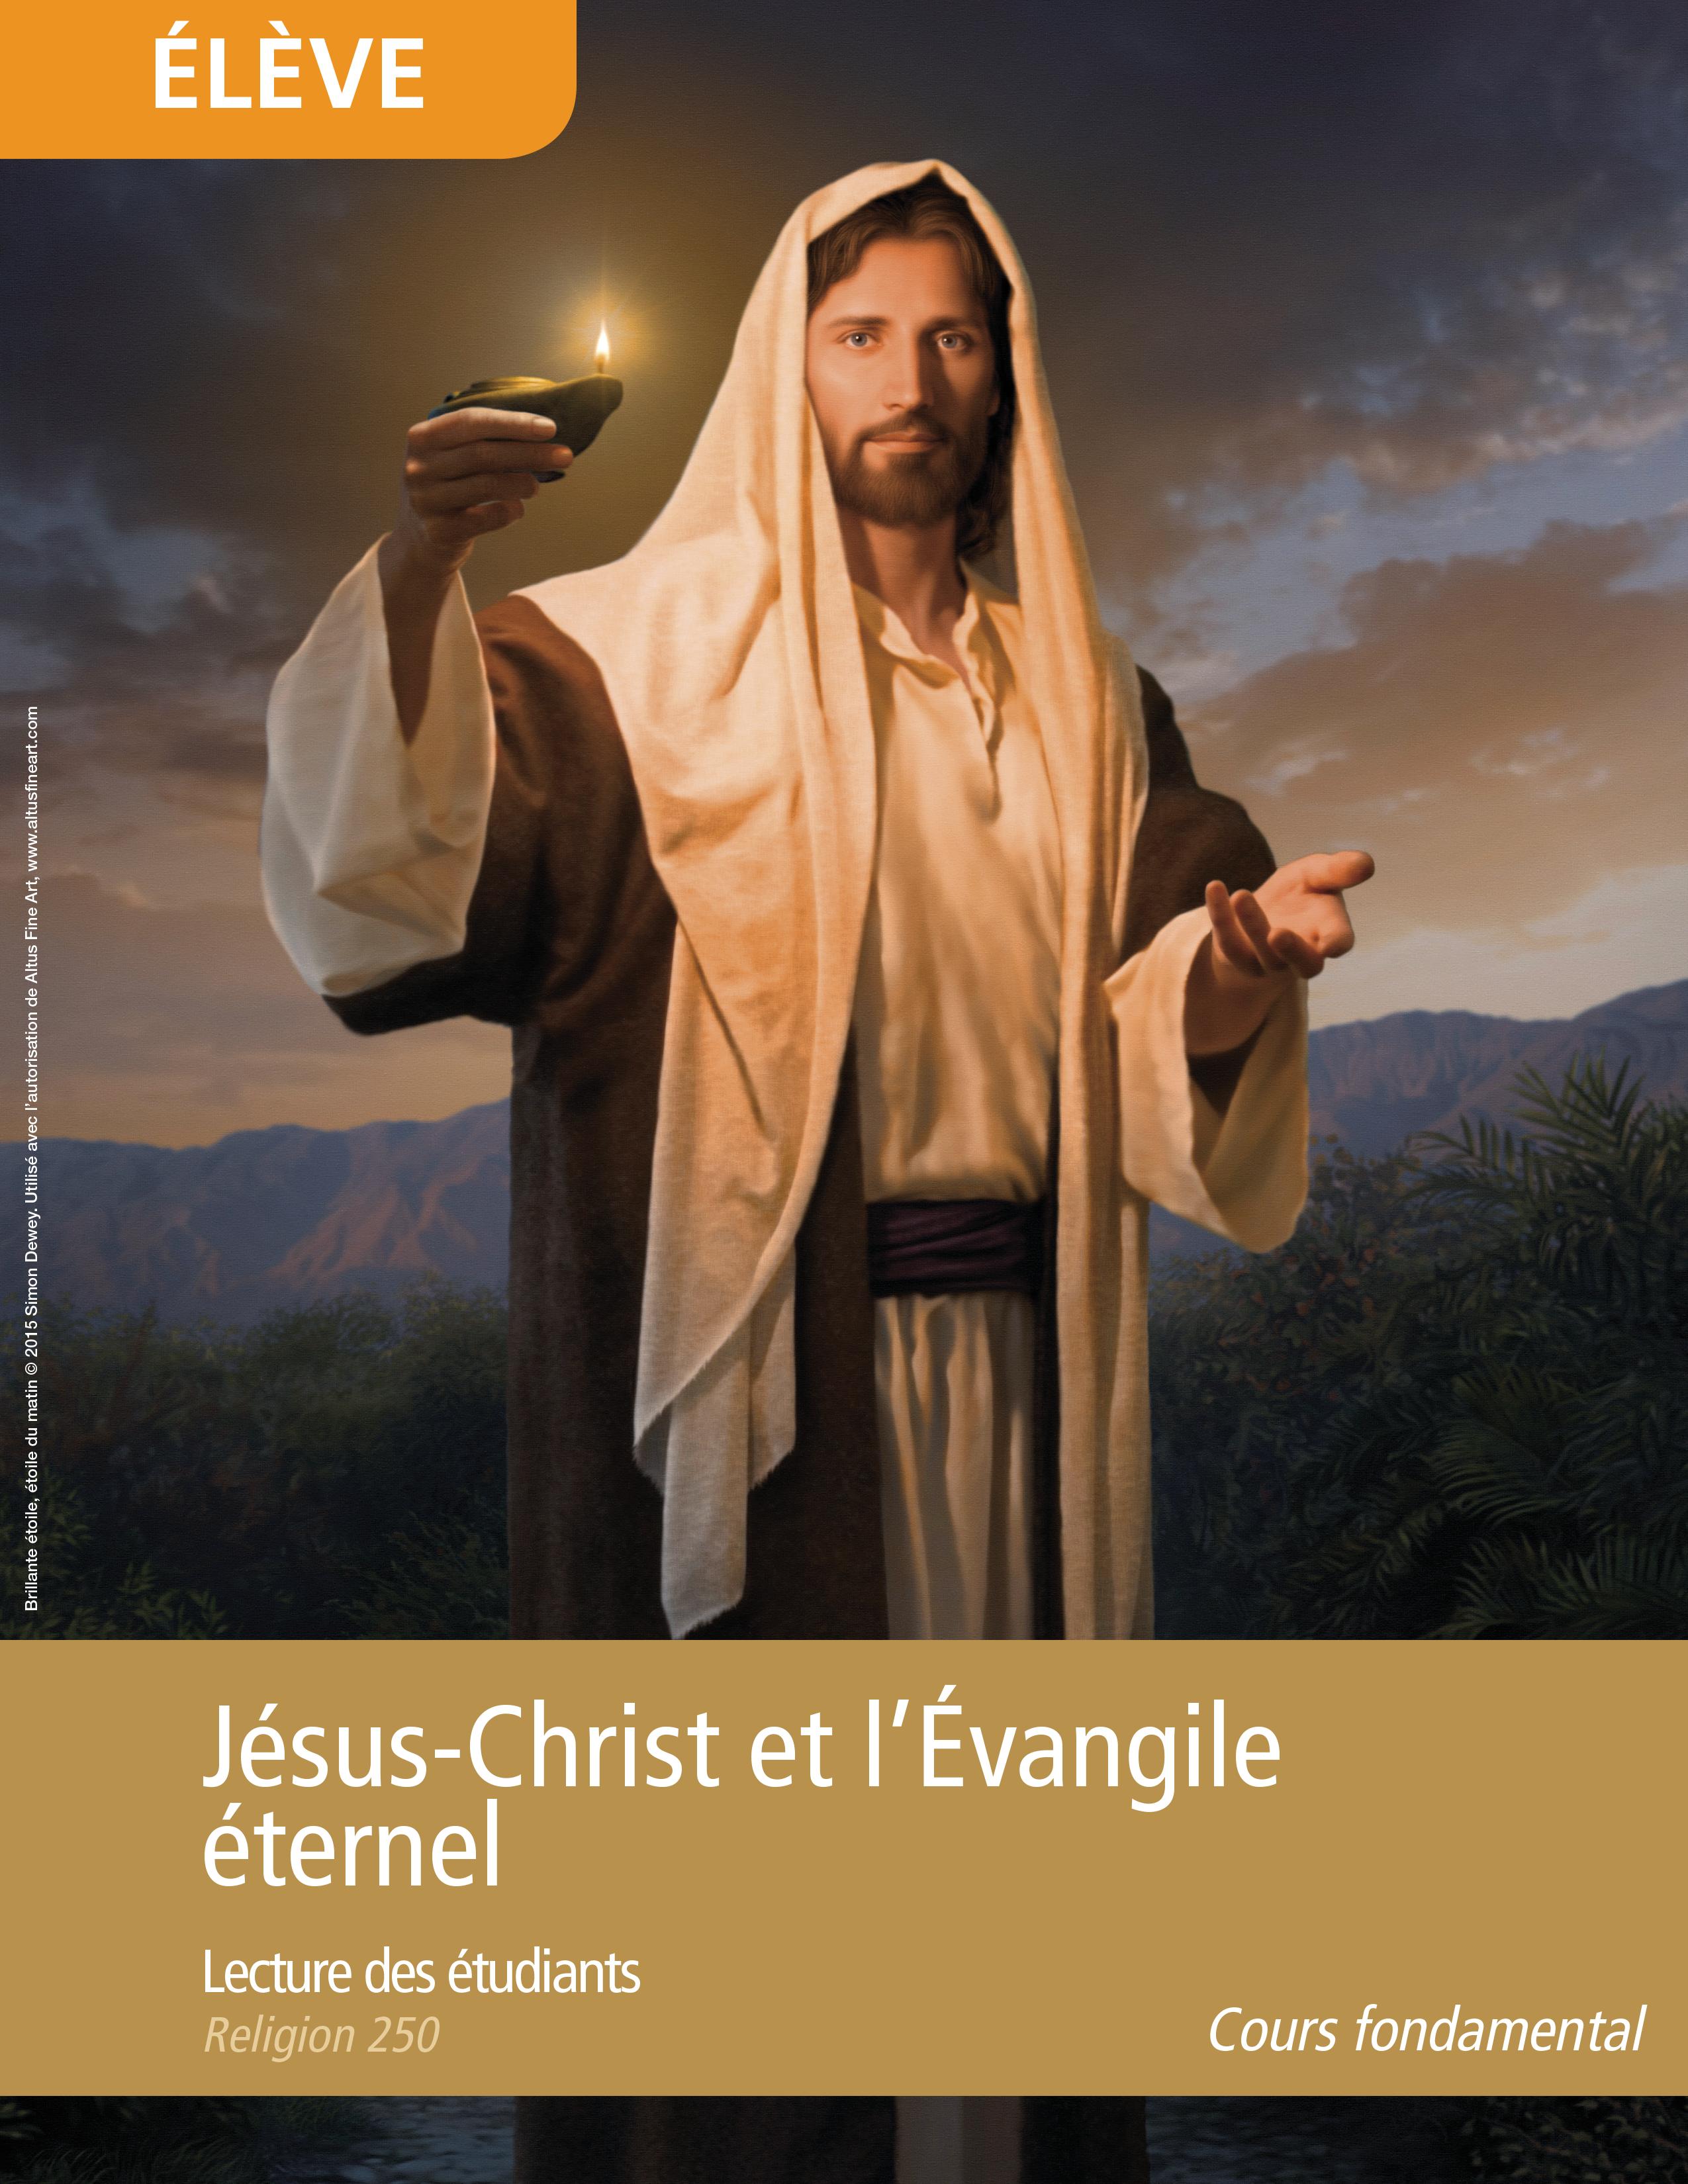 Jésus-Christ et l'Évangile éternel, lectures des étudiants (Religion 250)